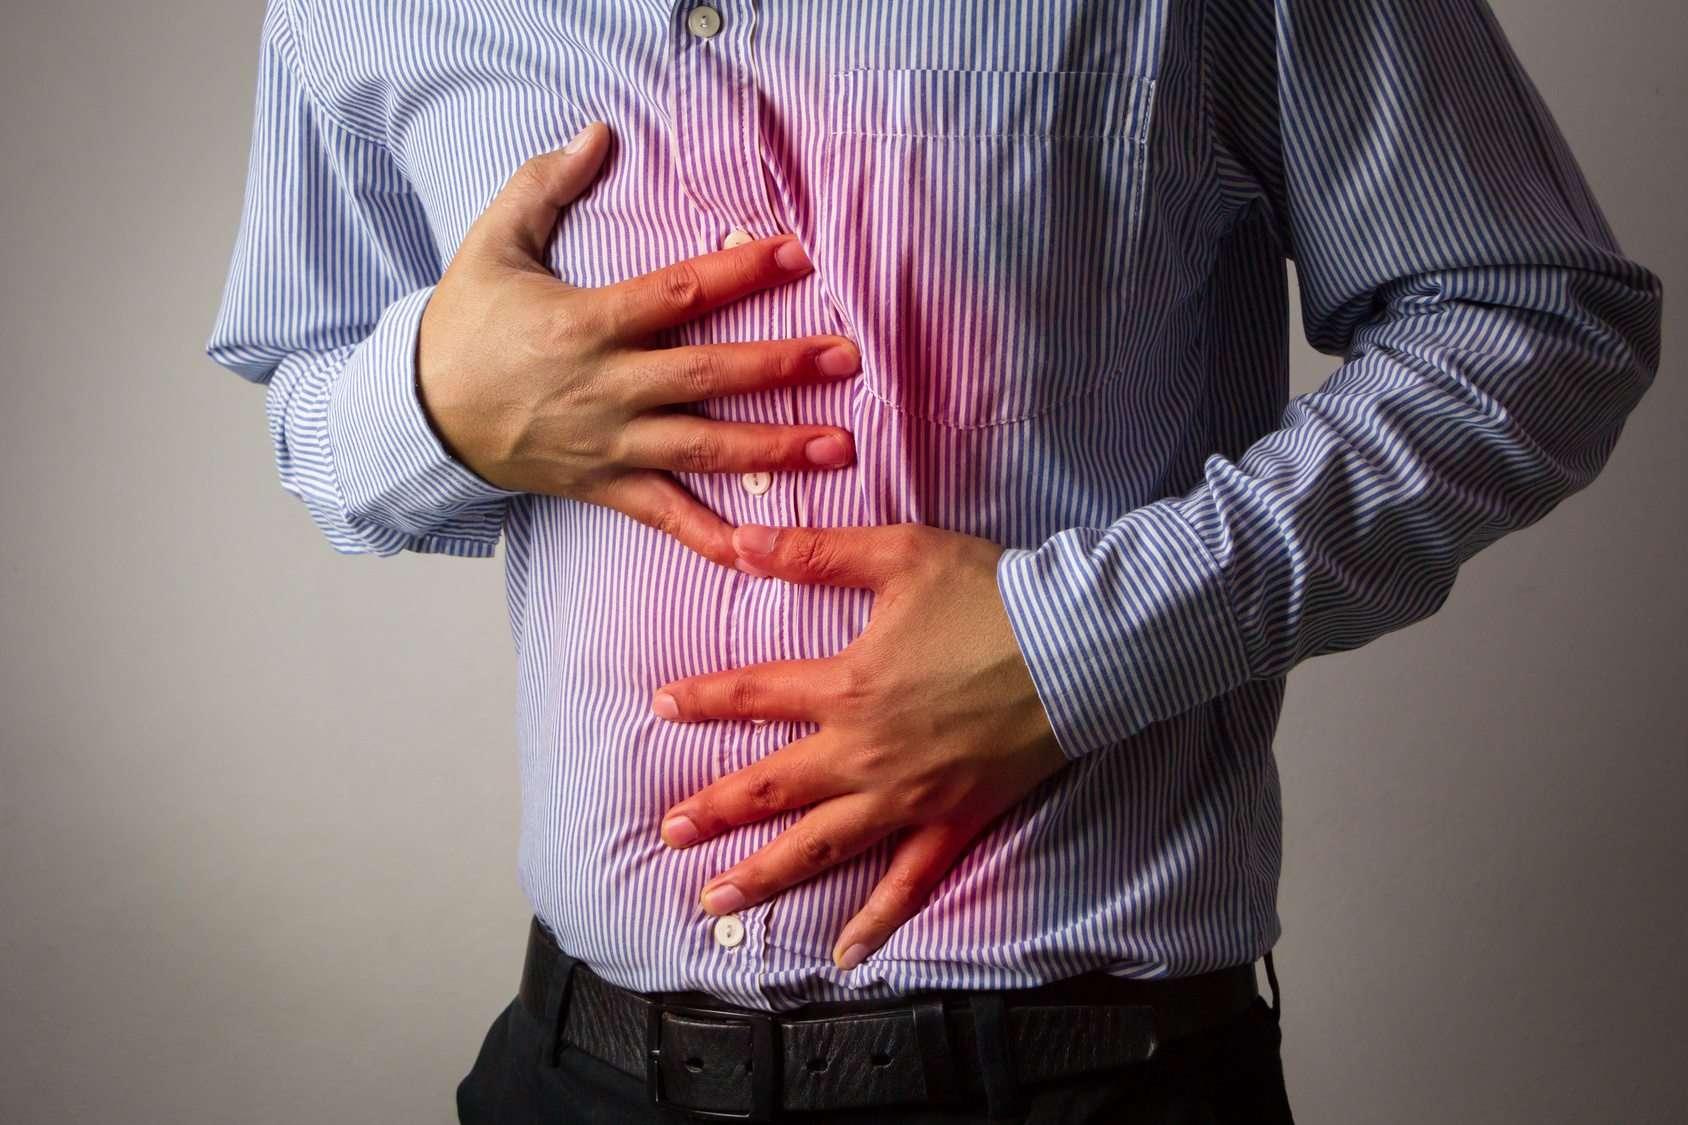 Desvendando o Refluxo Gastroesofágico